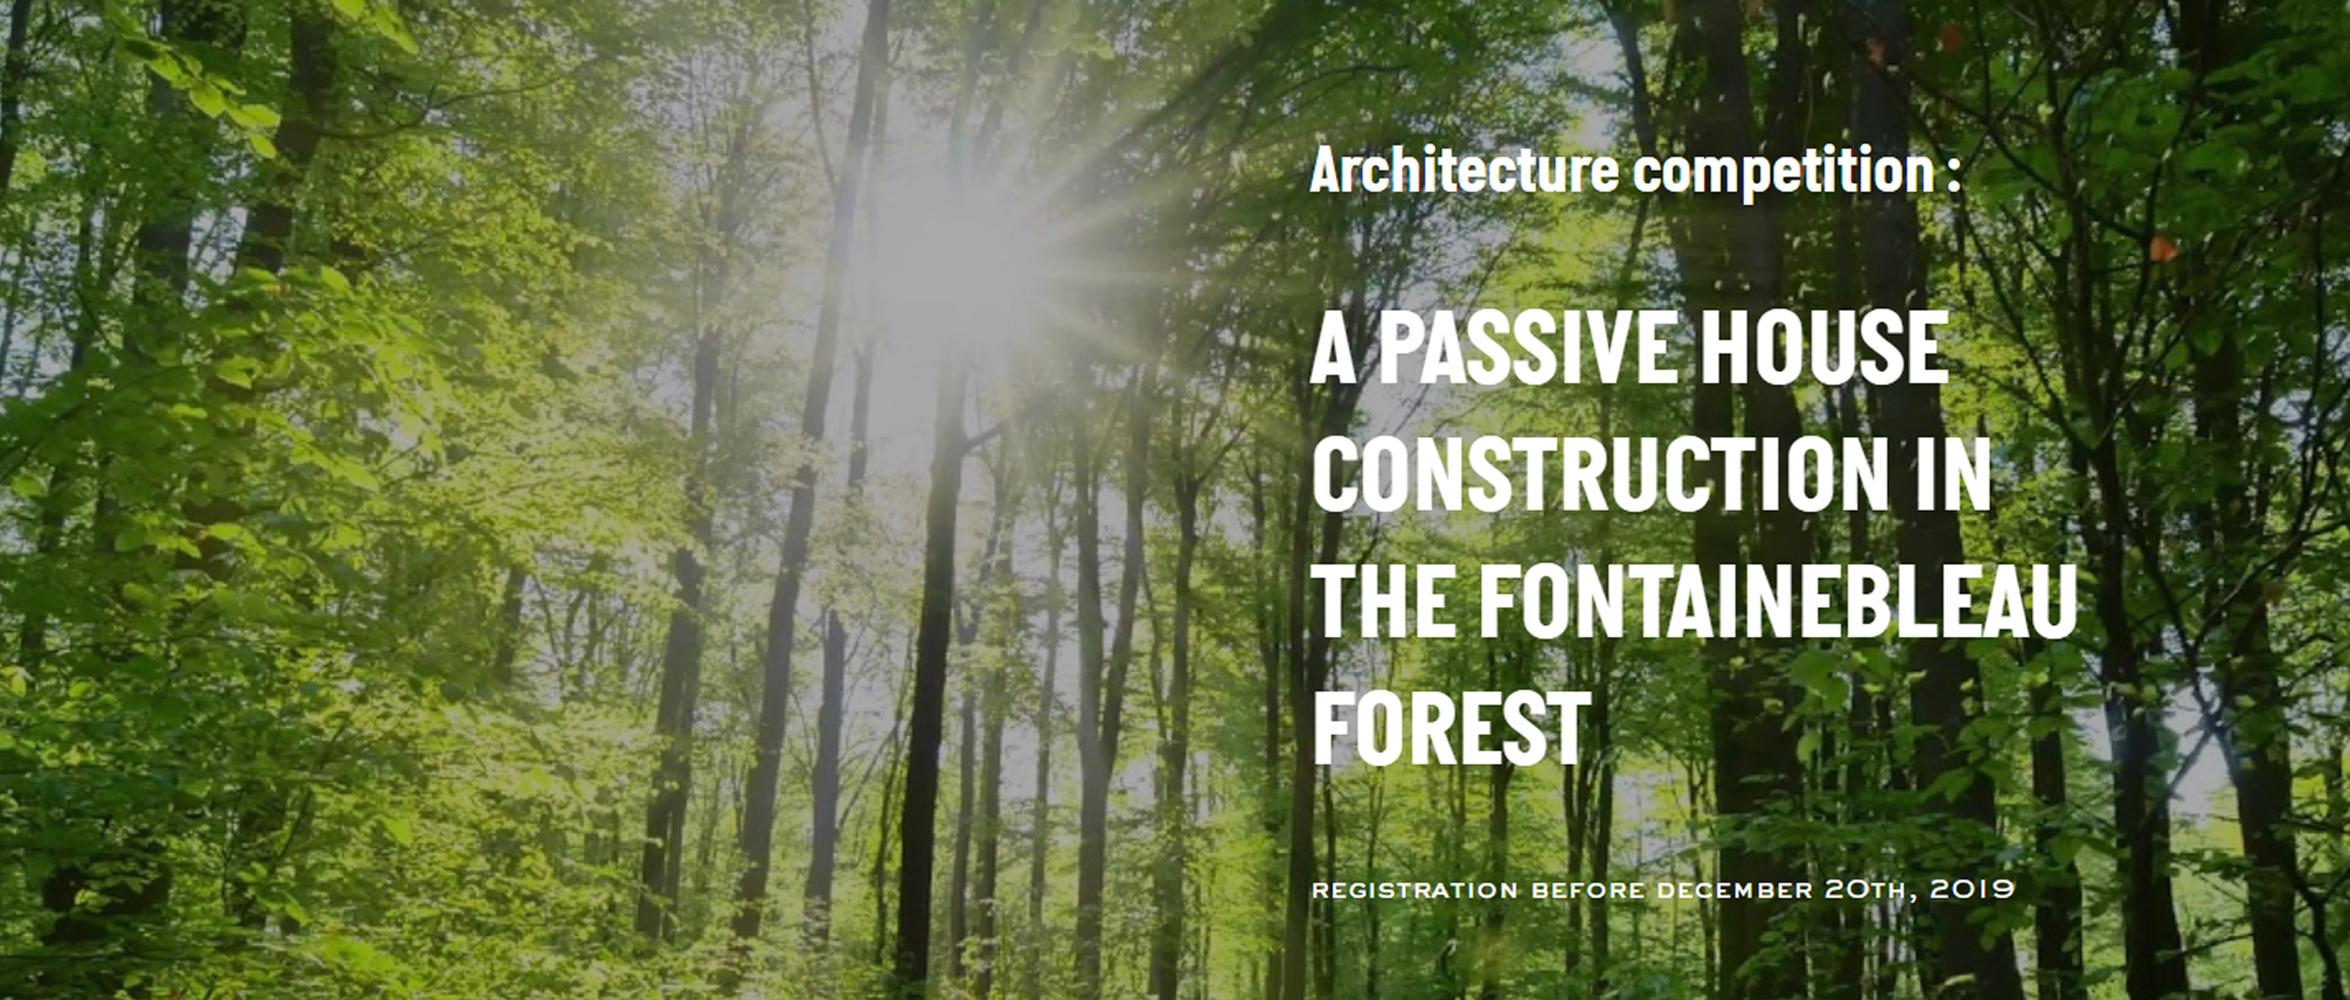 枫丹白露森林被动住宅设计竞赛